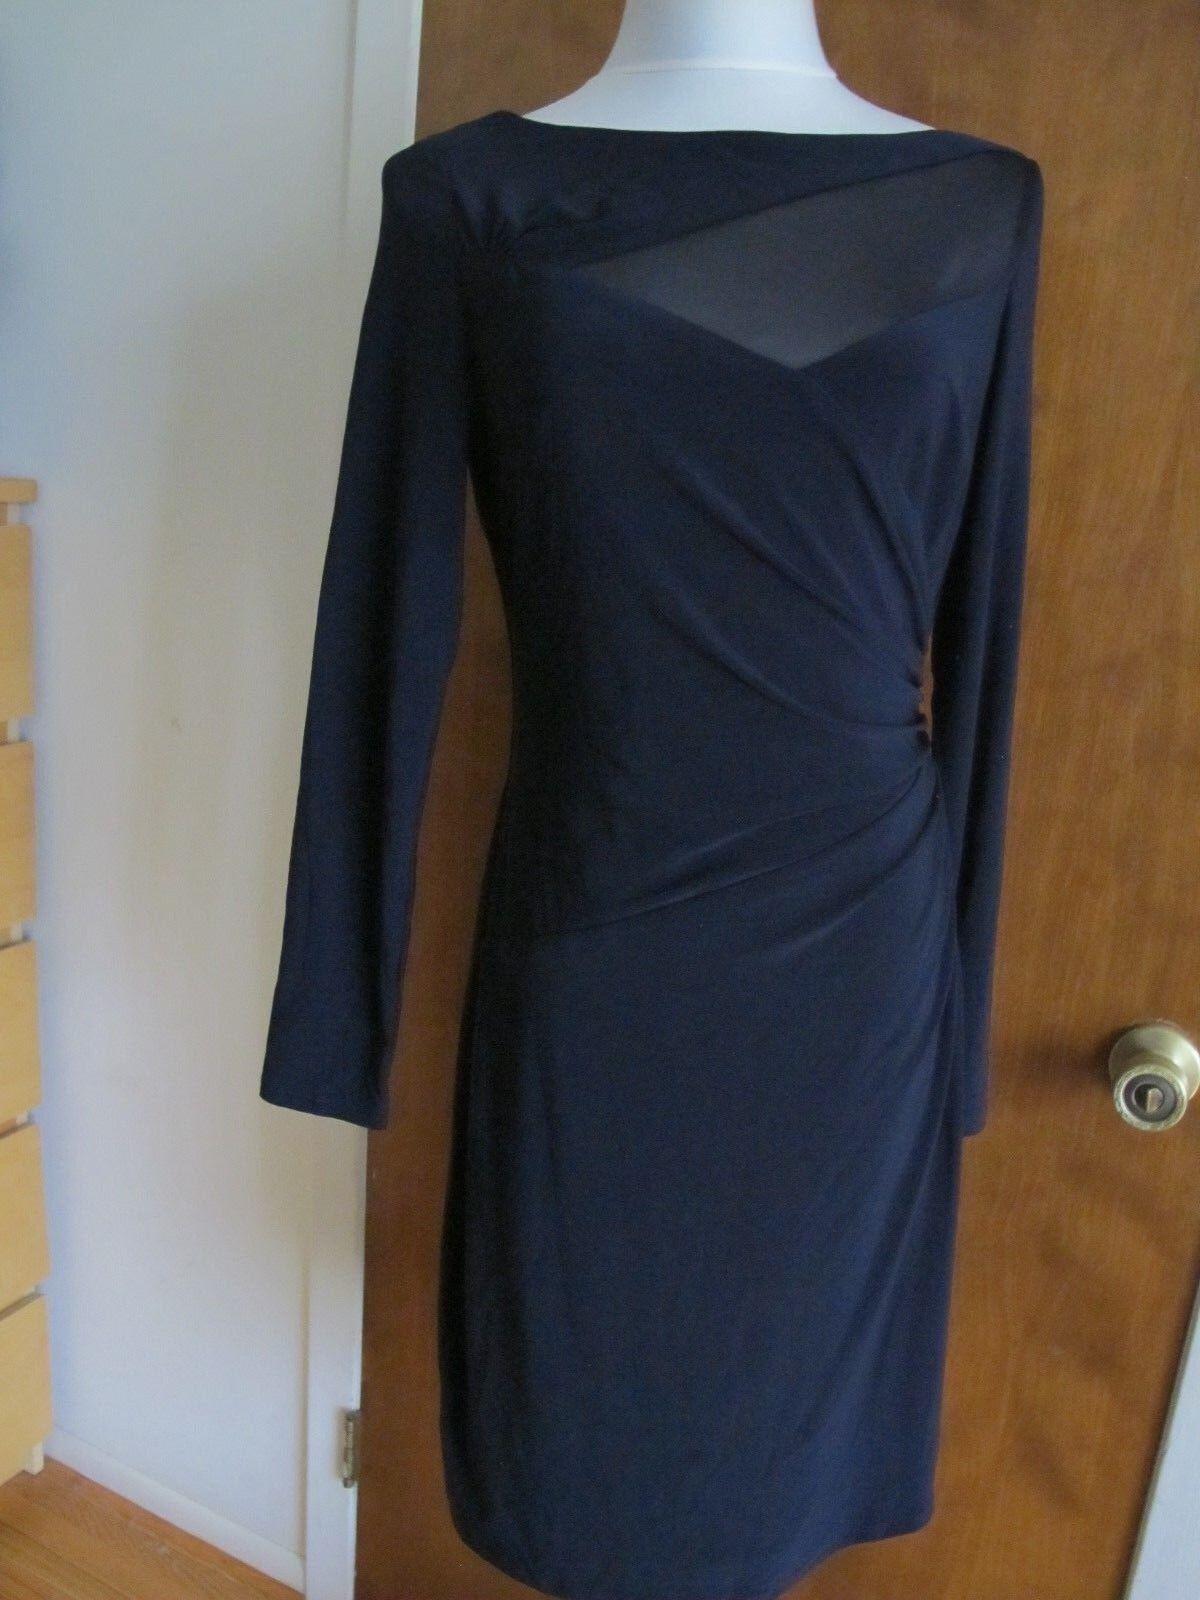 Lauren Ralph Lauren women's navy insert mesh evening NWT dress size 10